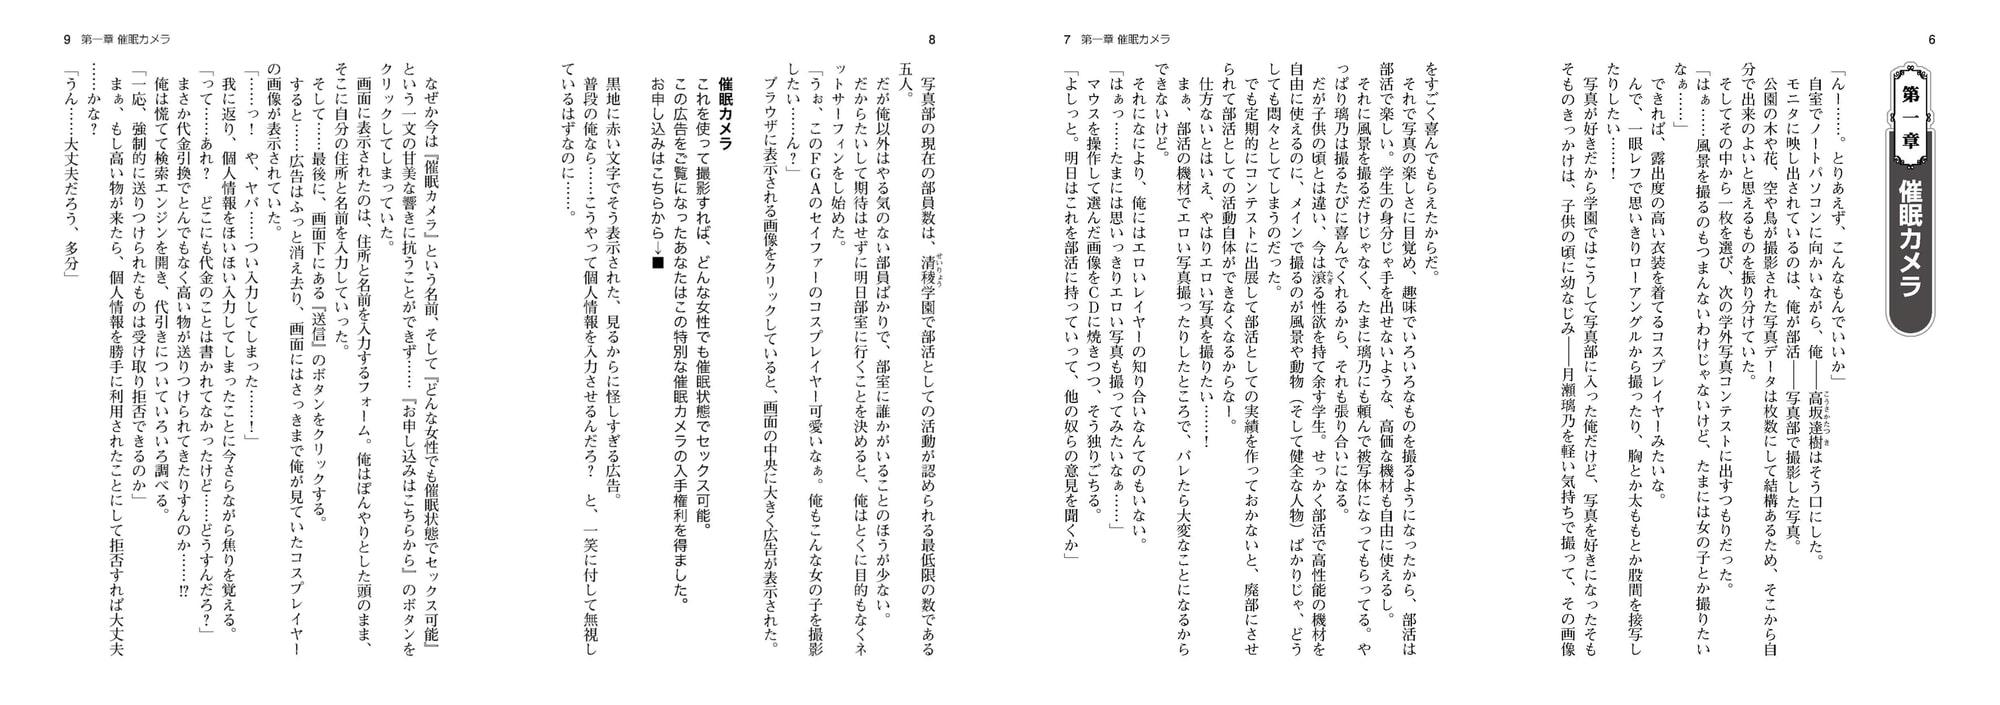 催眠カメラ ~幼なじみも風紀委員長も生徒会長もソッコーヤり放題!~